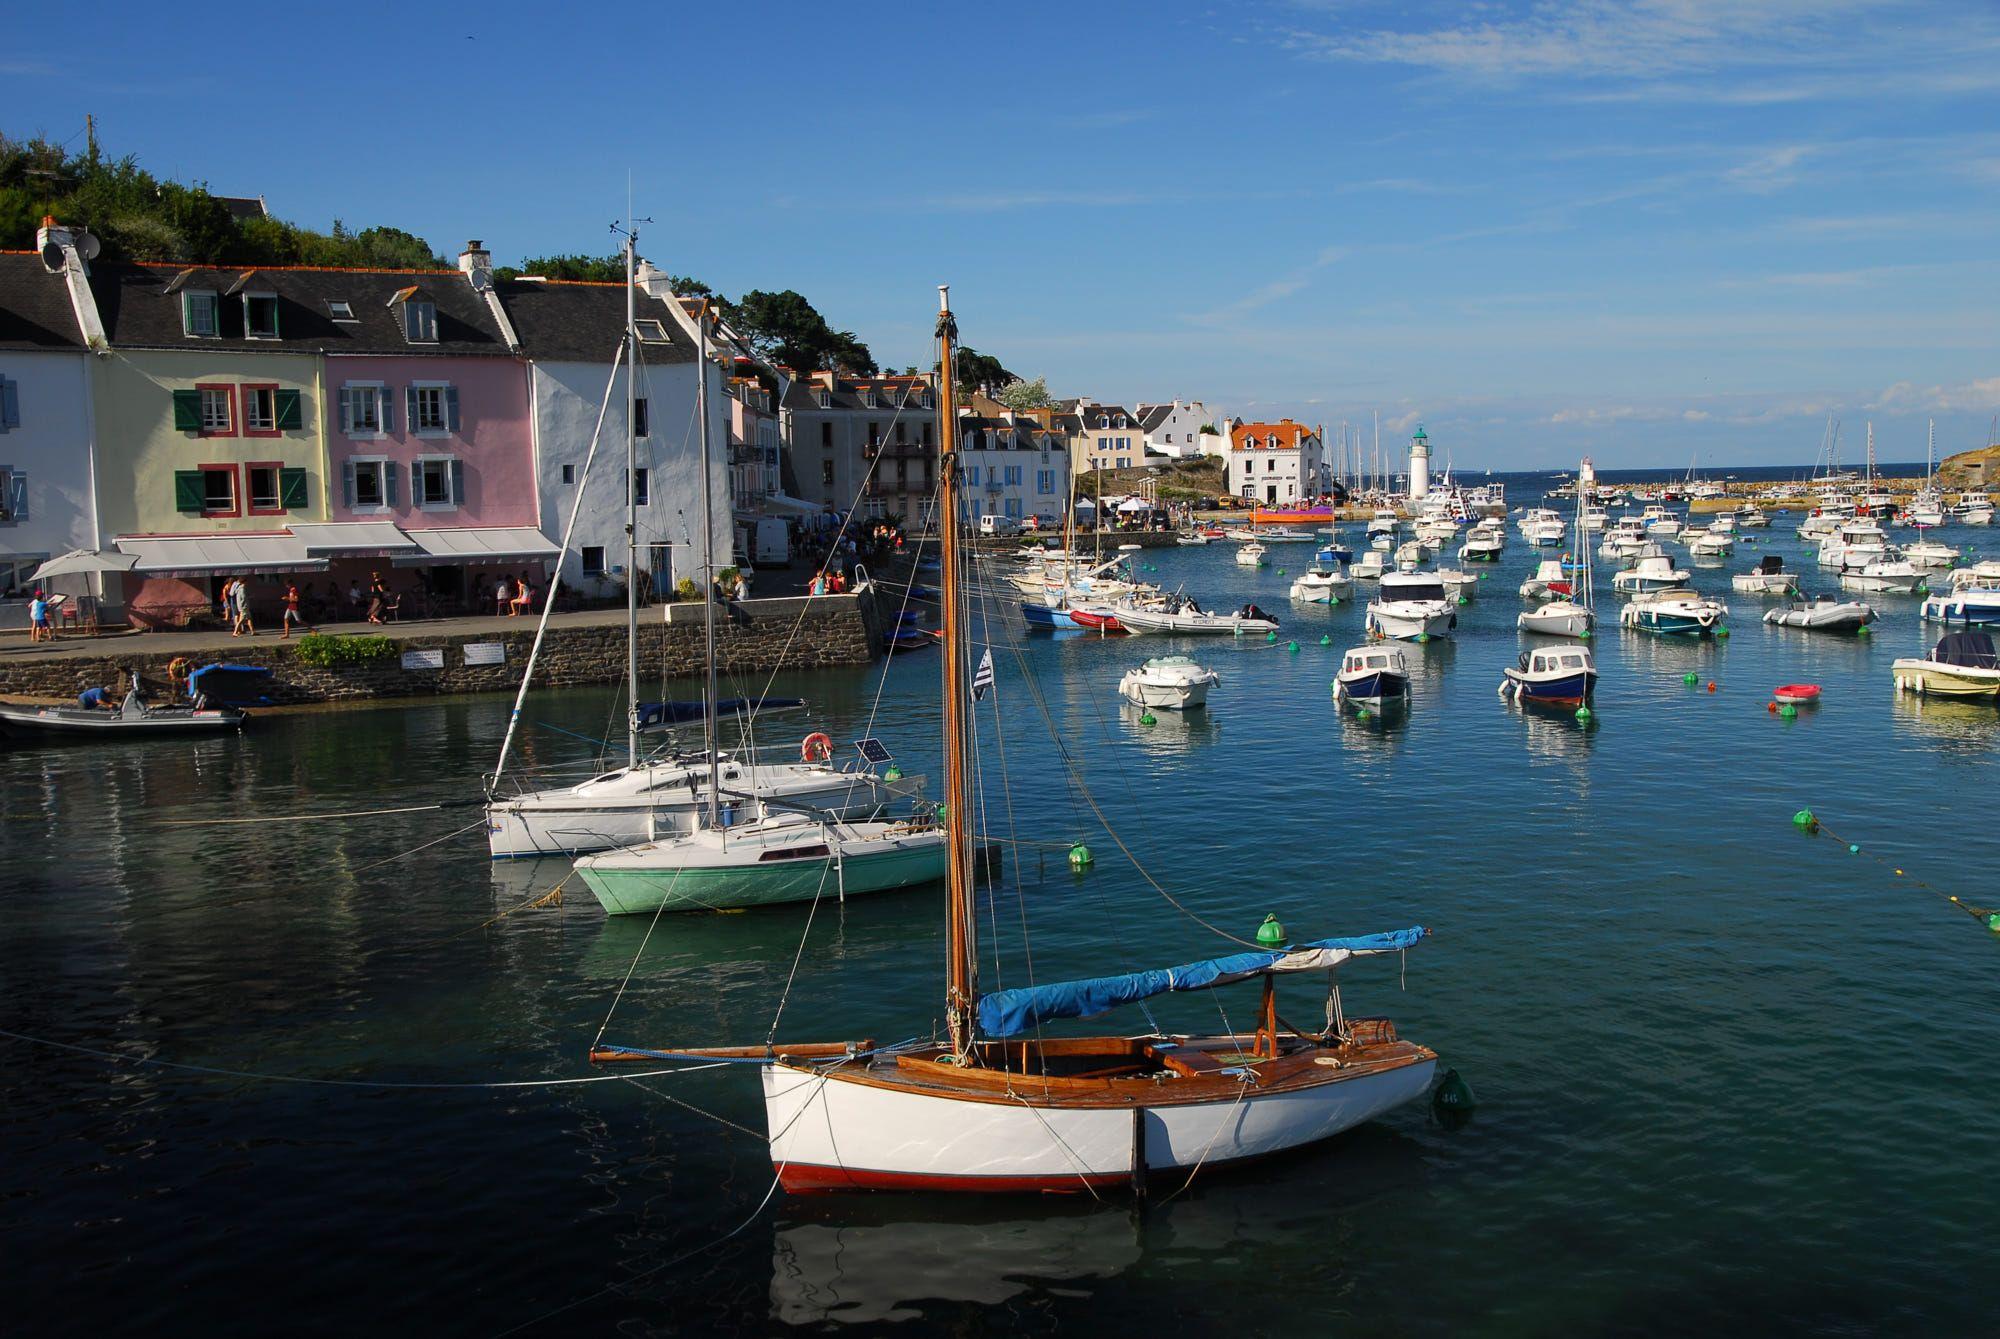 Sauzon Belle Ile En Mer Bretagne France By Xavier Legall Photo 305380185 500px France Great Places